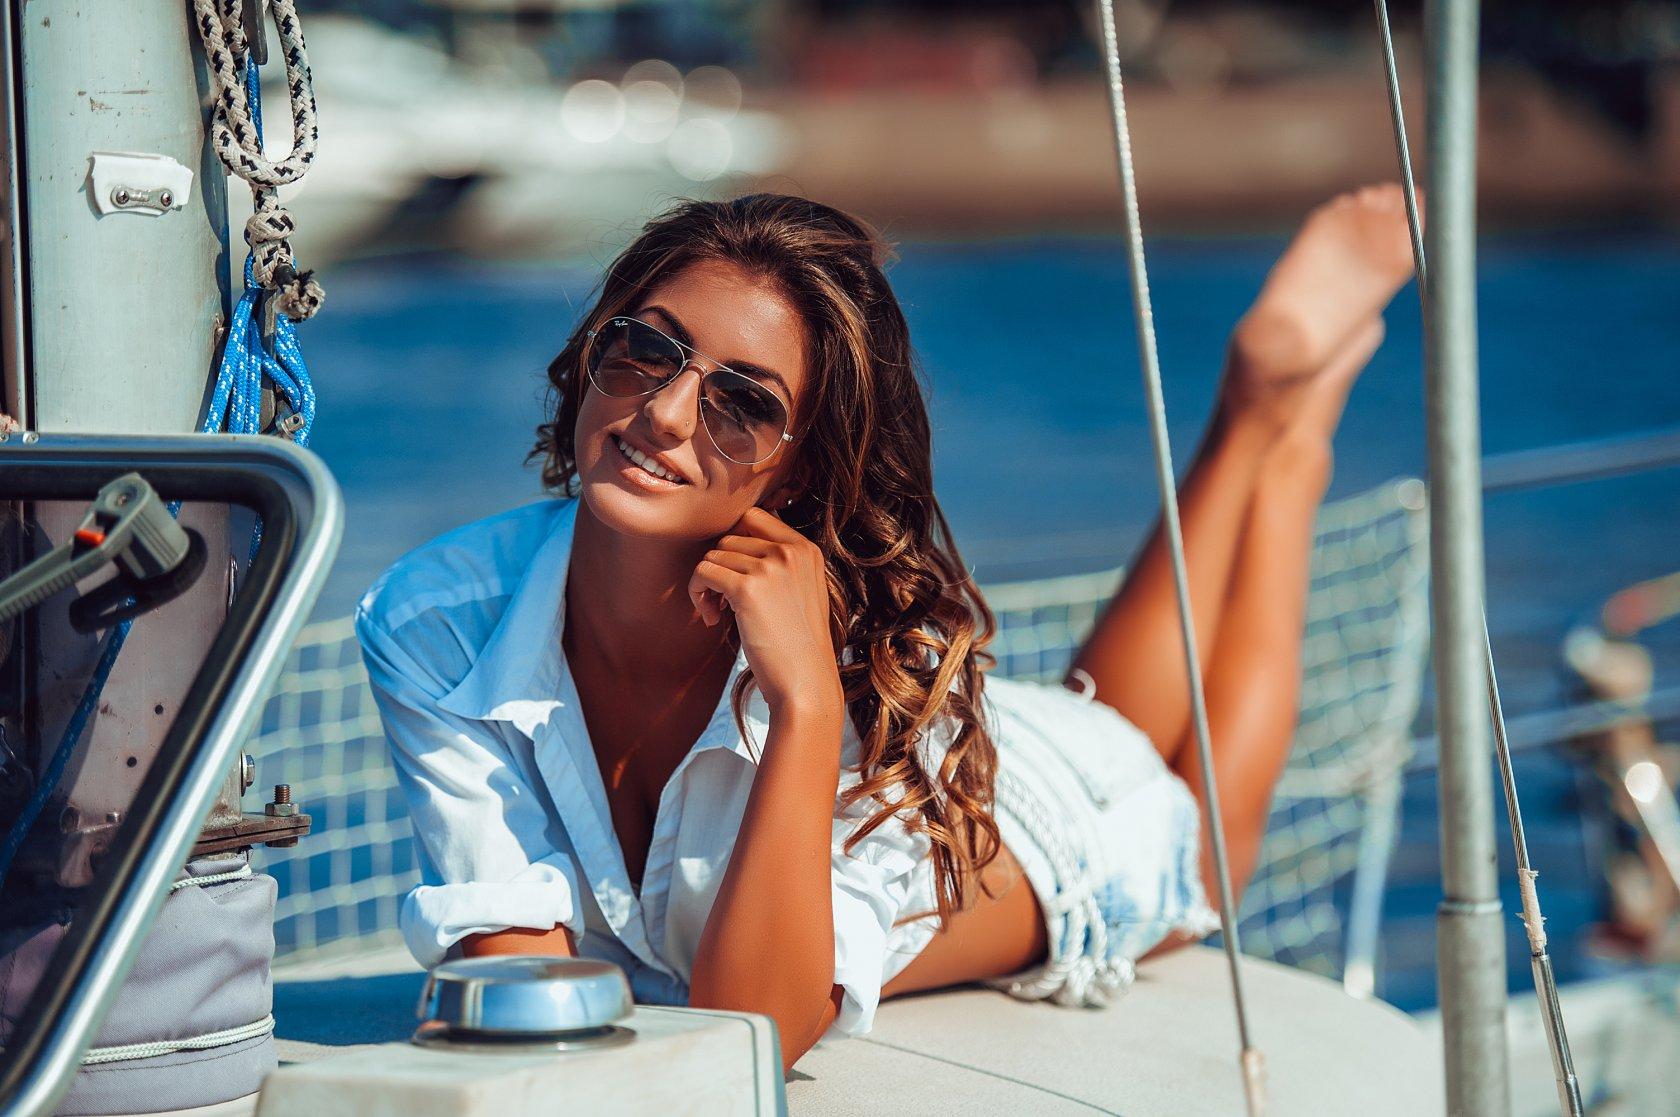 Красивая девушка на яхте